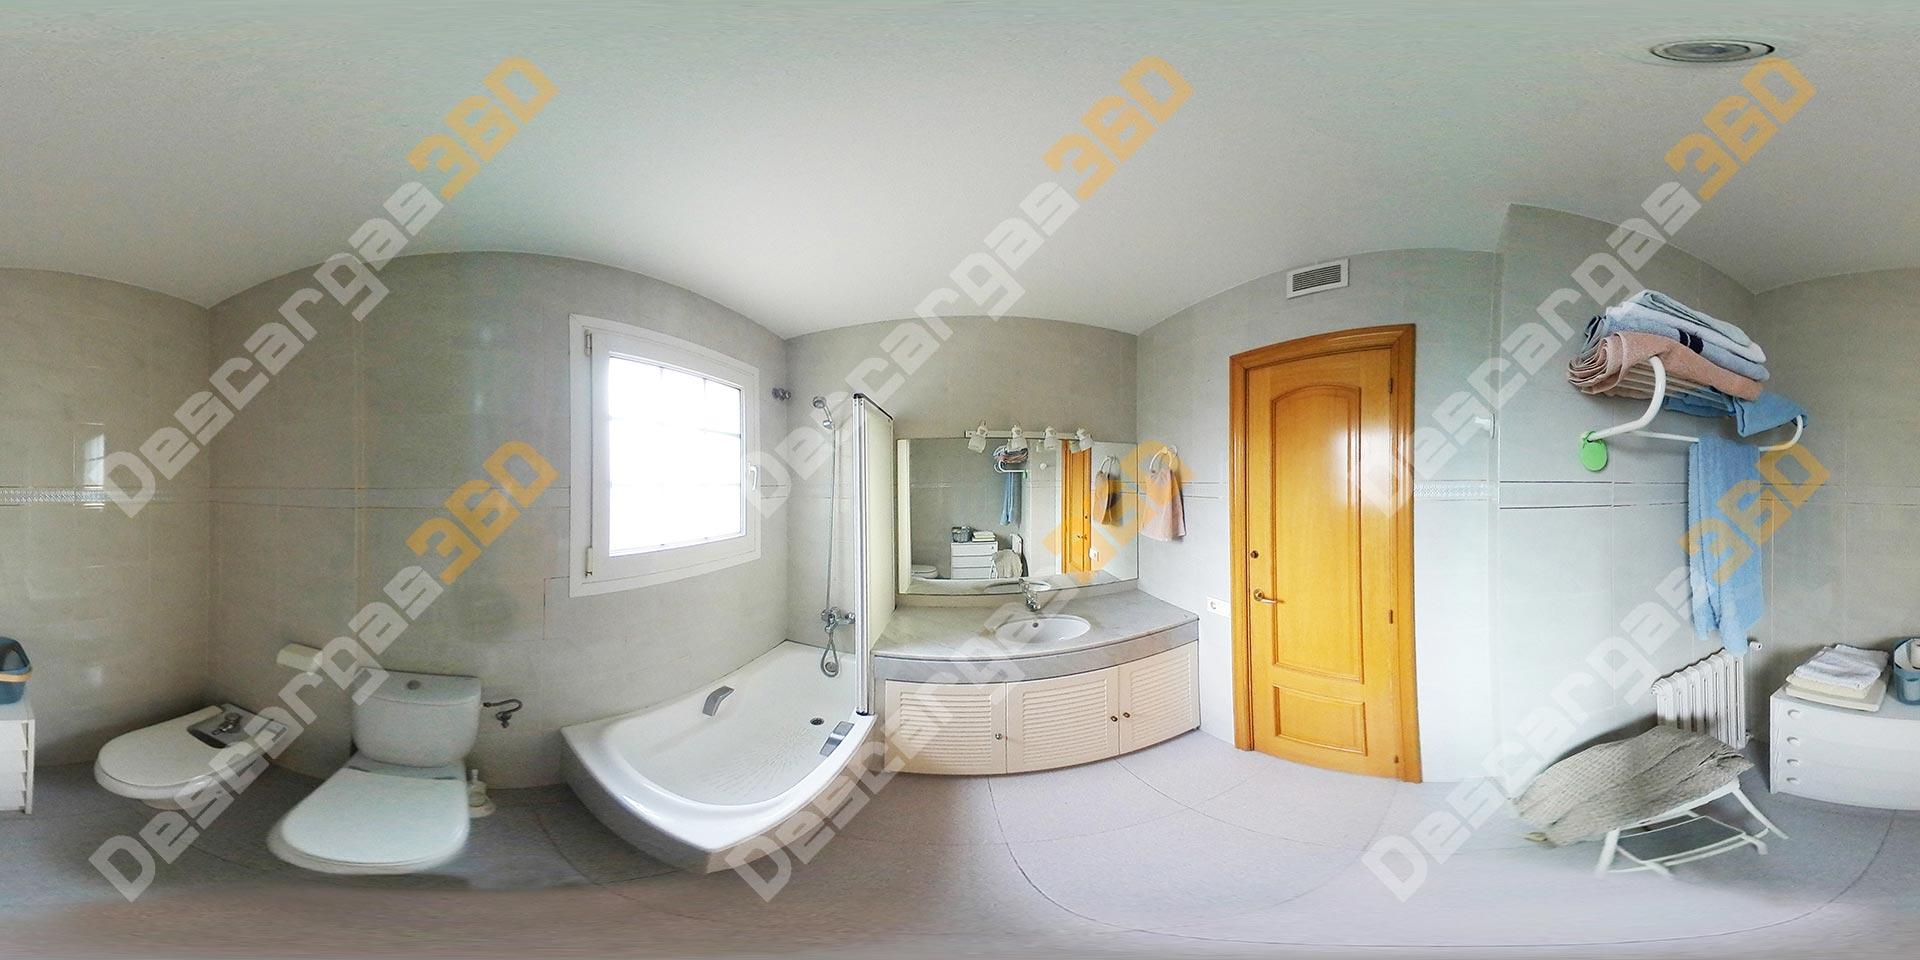 Baño-completo-360-Inmobiliaria---Descargas360_preview